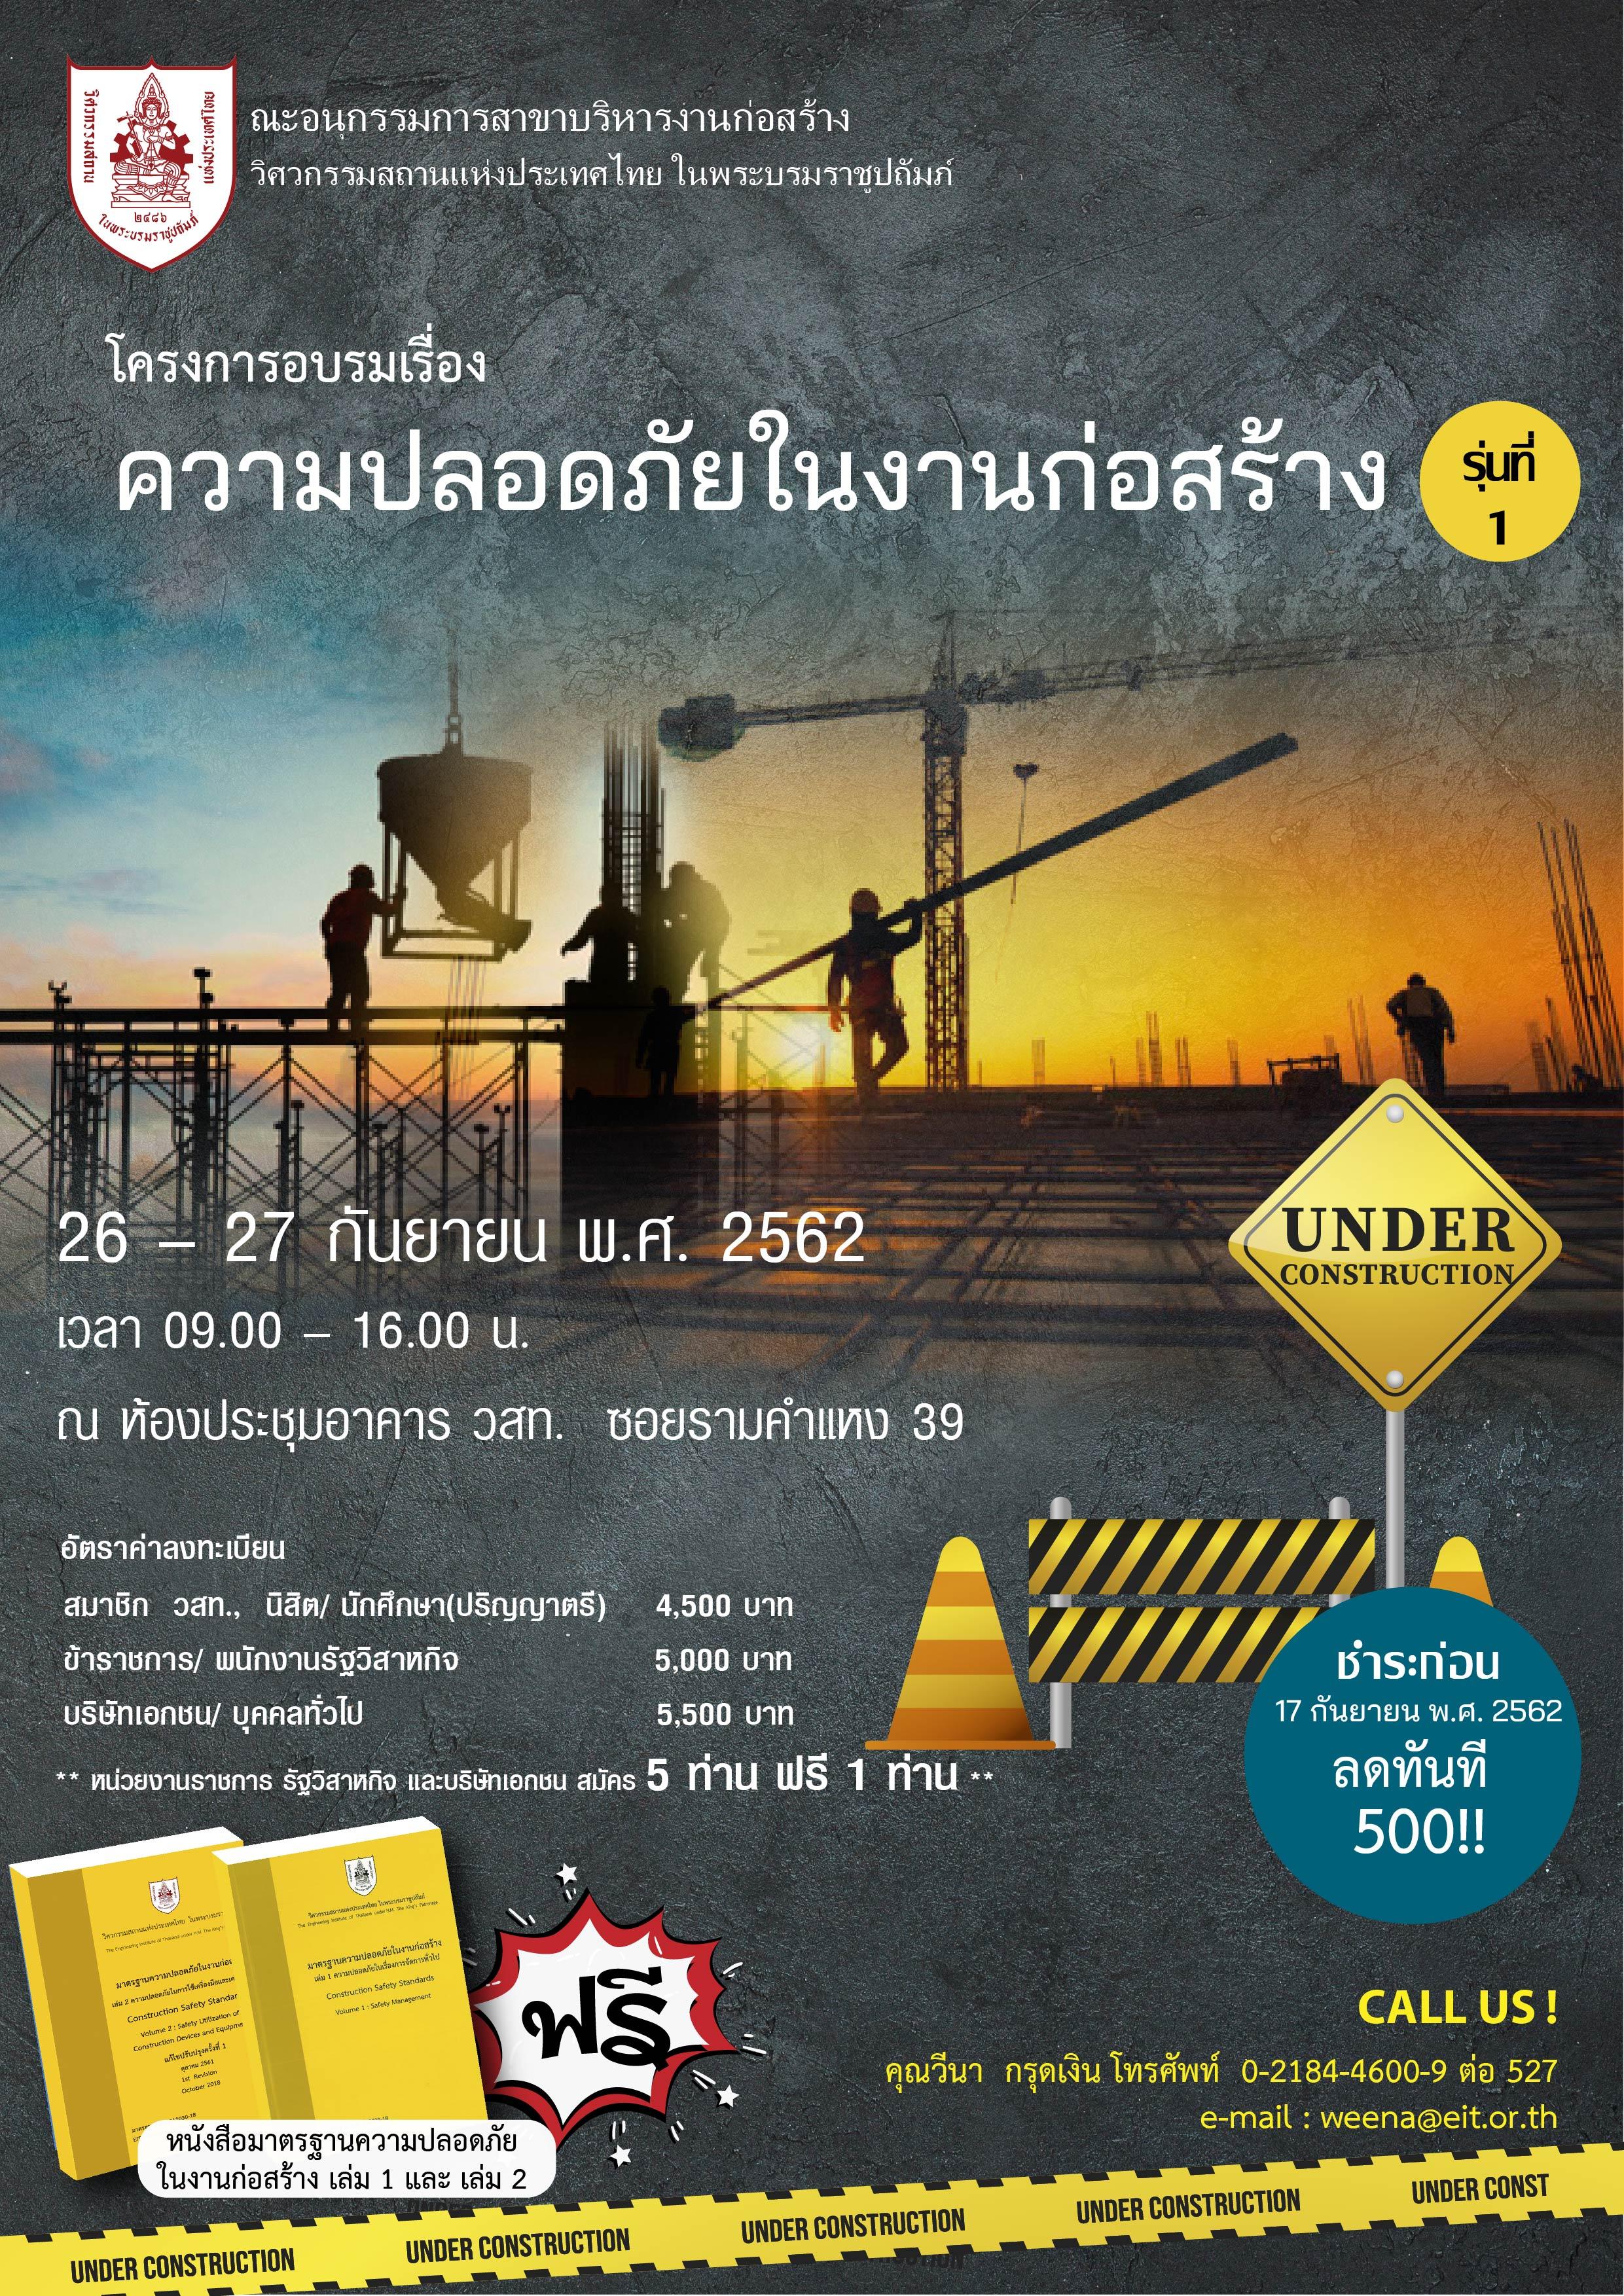 26-27/9/19 โครงการอบรม หลักสูตร ความปลอดภัยในงานก่อสร้าง รุ่นที่ 1